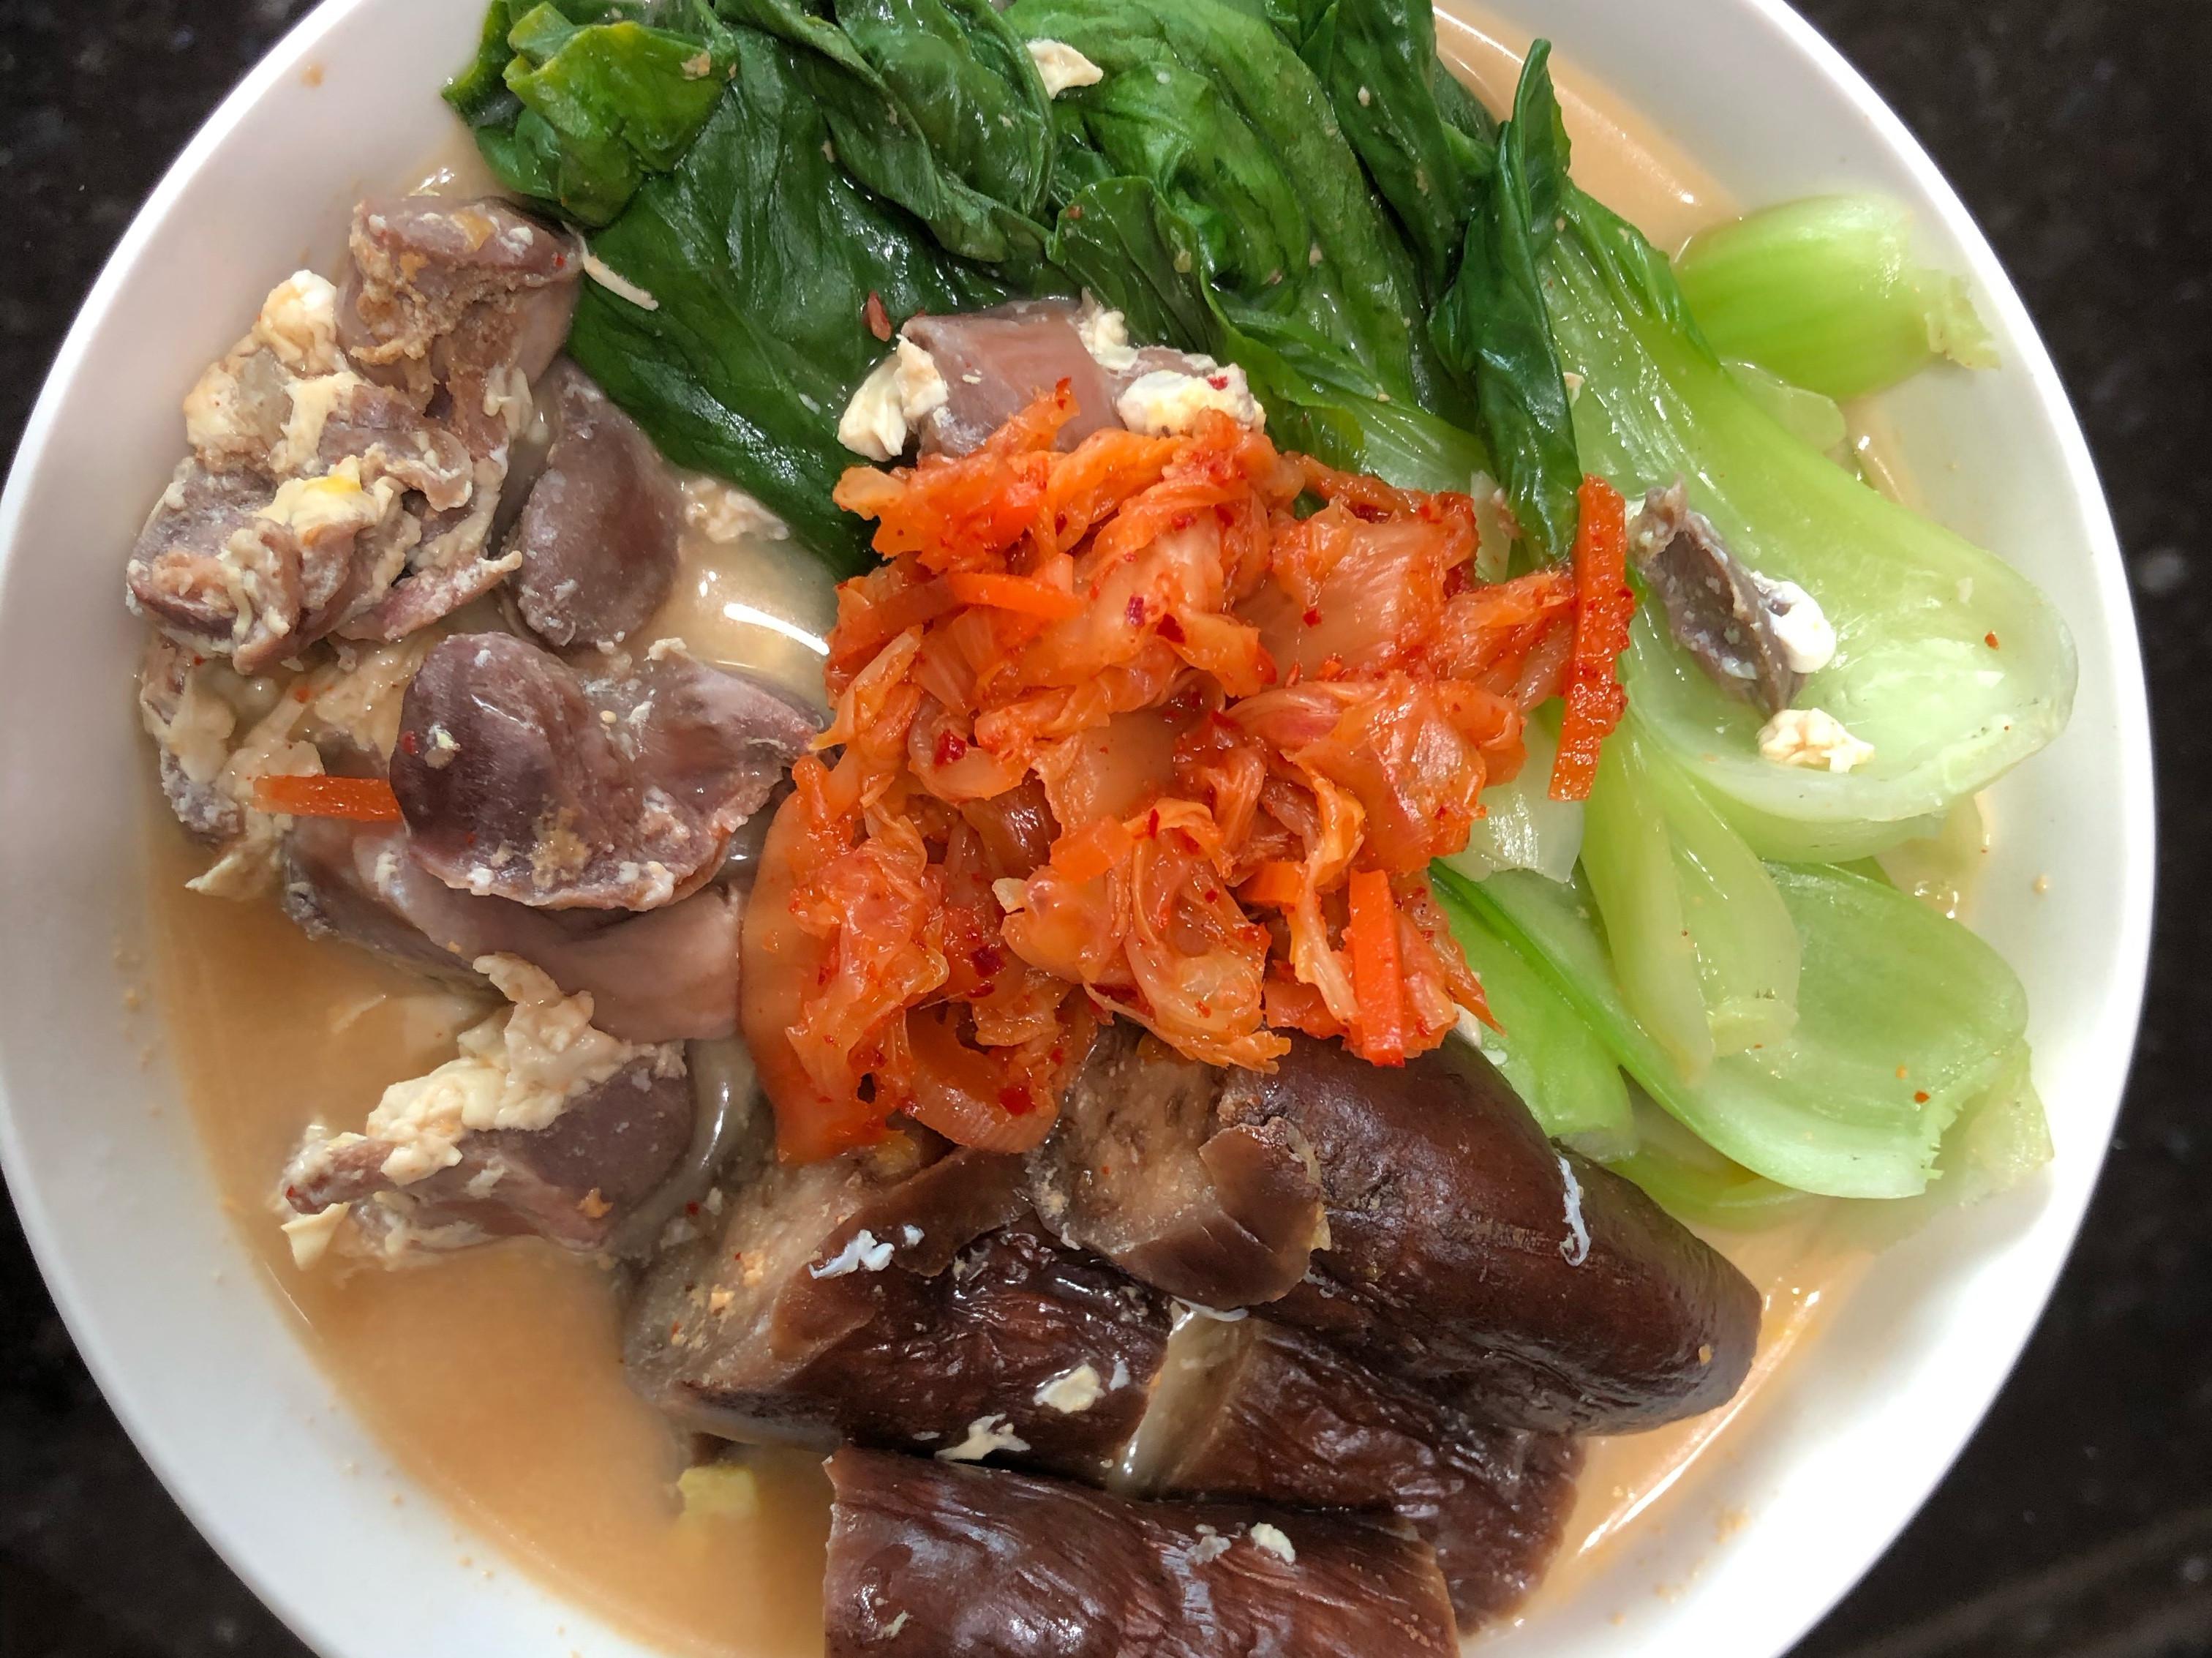 蔬菜滿滿腐皮雞胗烏龍湯麵